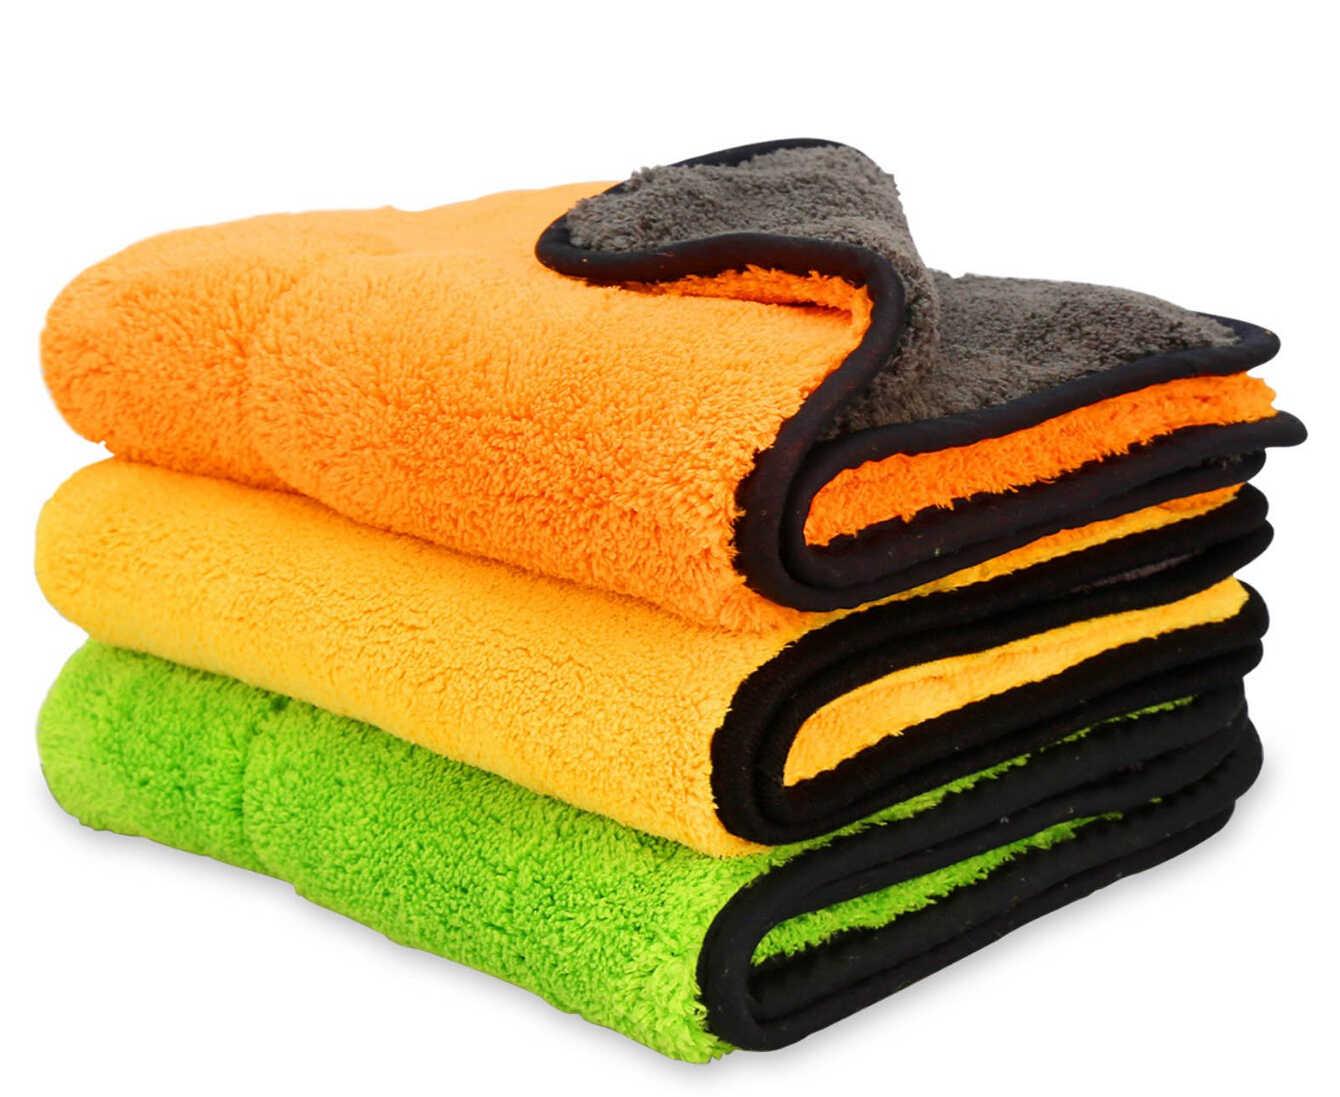 Cuidado de coche de detallando coche lavar toalla para audi a3 vw skoda alfa romeo ford focus mk2 skoda octavia mondeo mk3 opel astra h